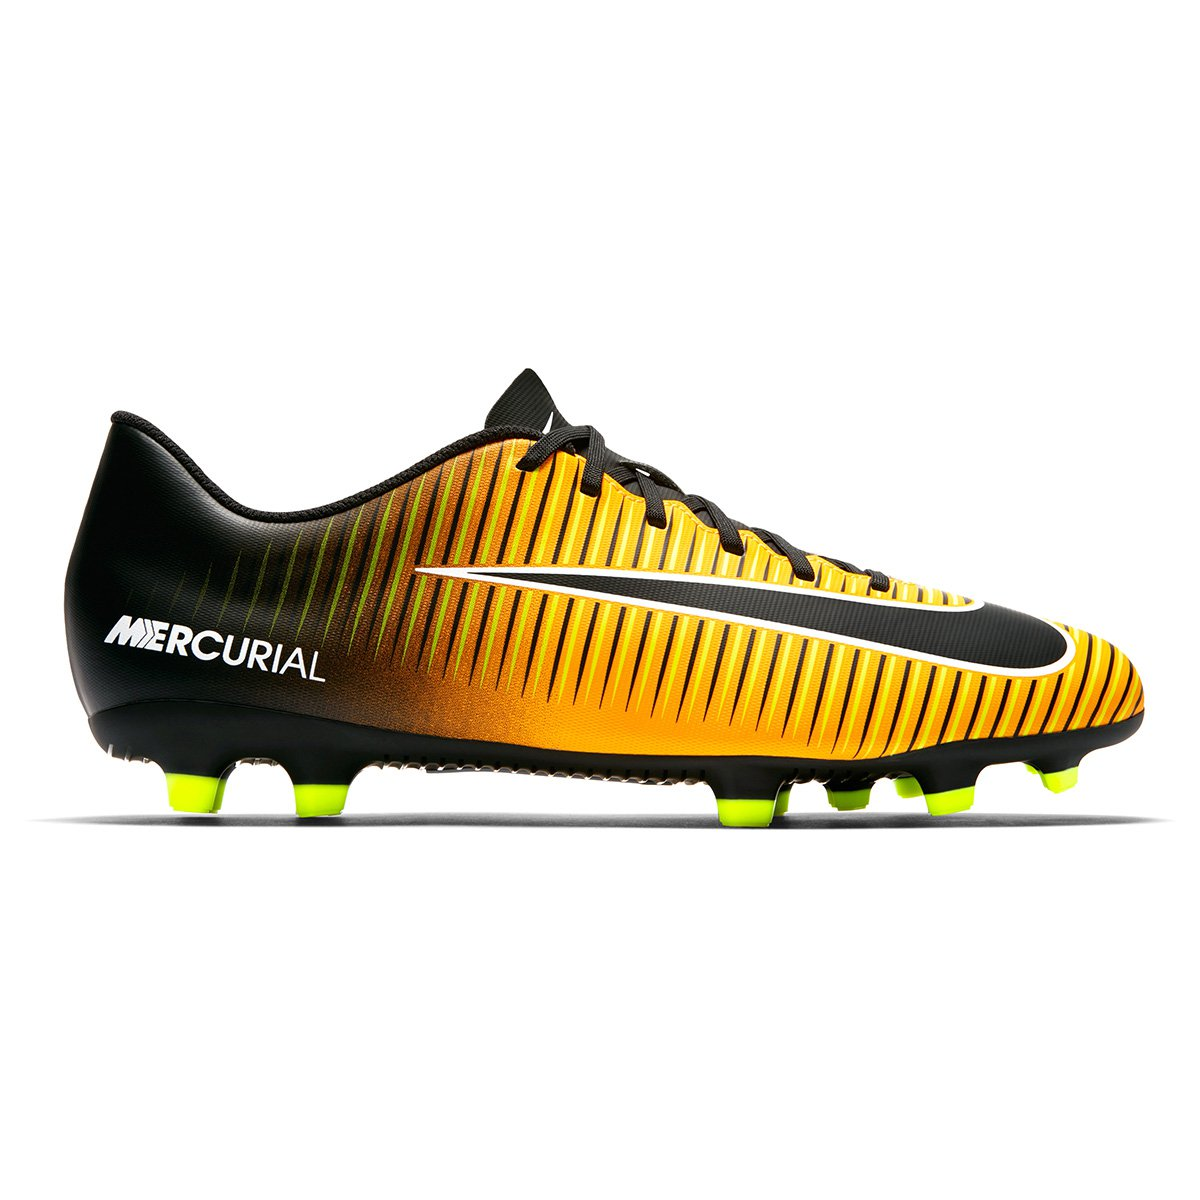 5ca8bd8cf6cea Chuteira Campo Nike Mercurial Vortex 3 FG - Compre Agora